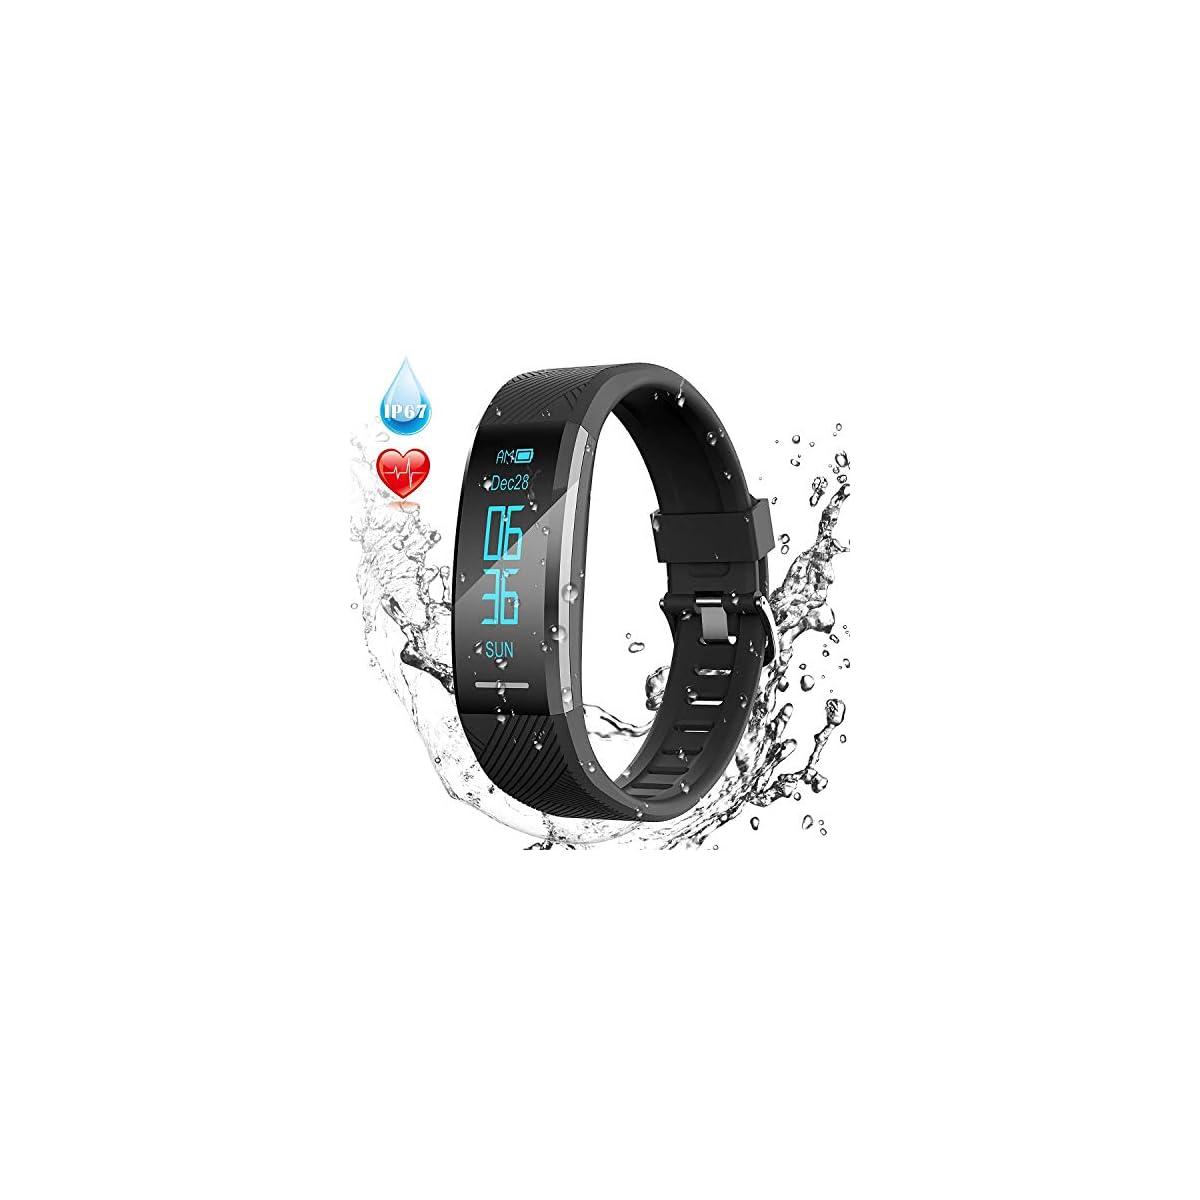 51WFB1pVO0L. SS1200  - Pulsera de Actividad Inteligente Impermeable IP67, AGPTEK Reloj Deportivo con GPS Podómetro, Monitor de Ritmo, Calorías, Sueño Notificación etc para Hombre Mujer Niños